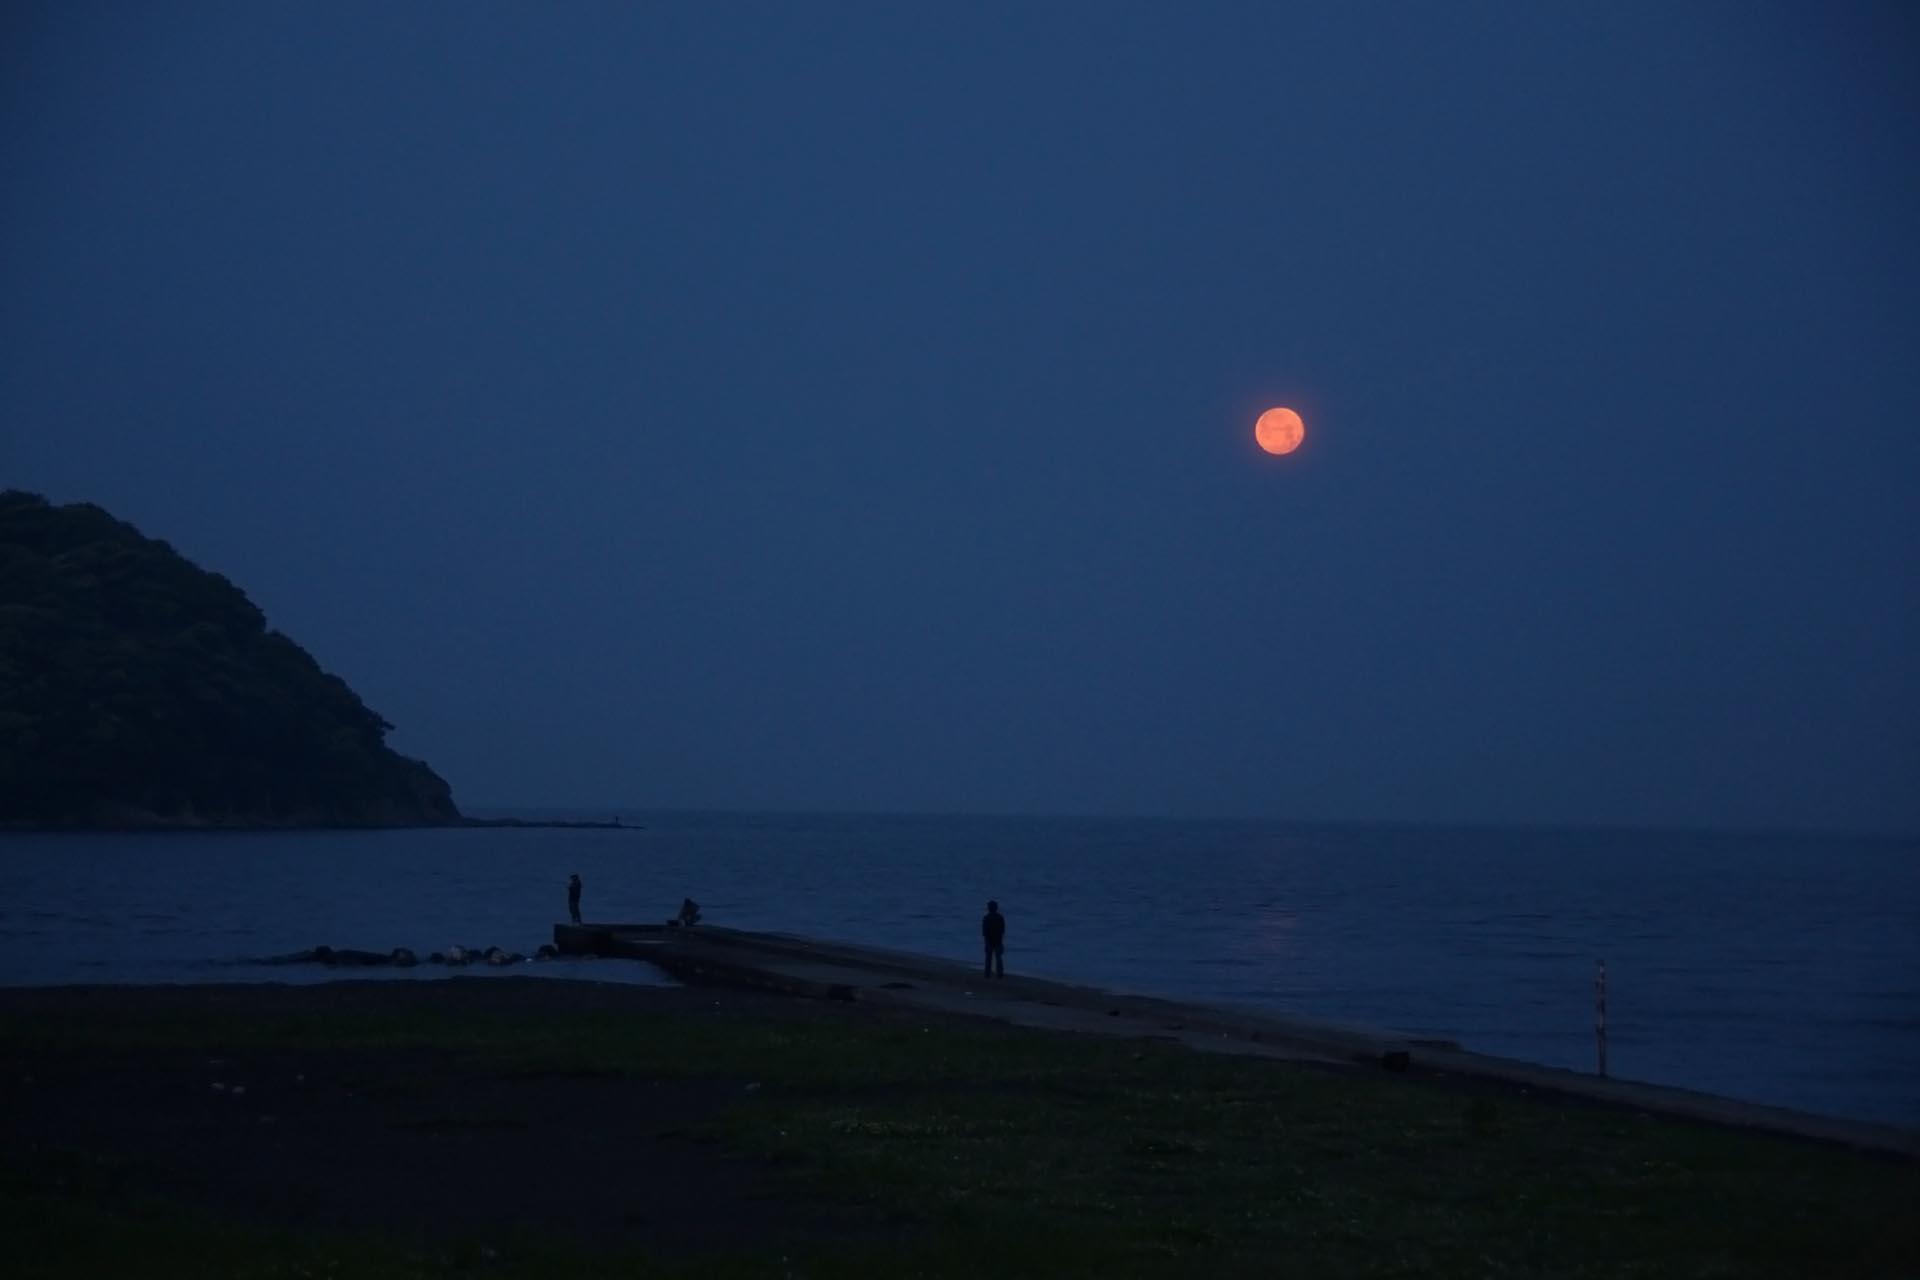 夜の江の島の風景 神奈川の風景